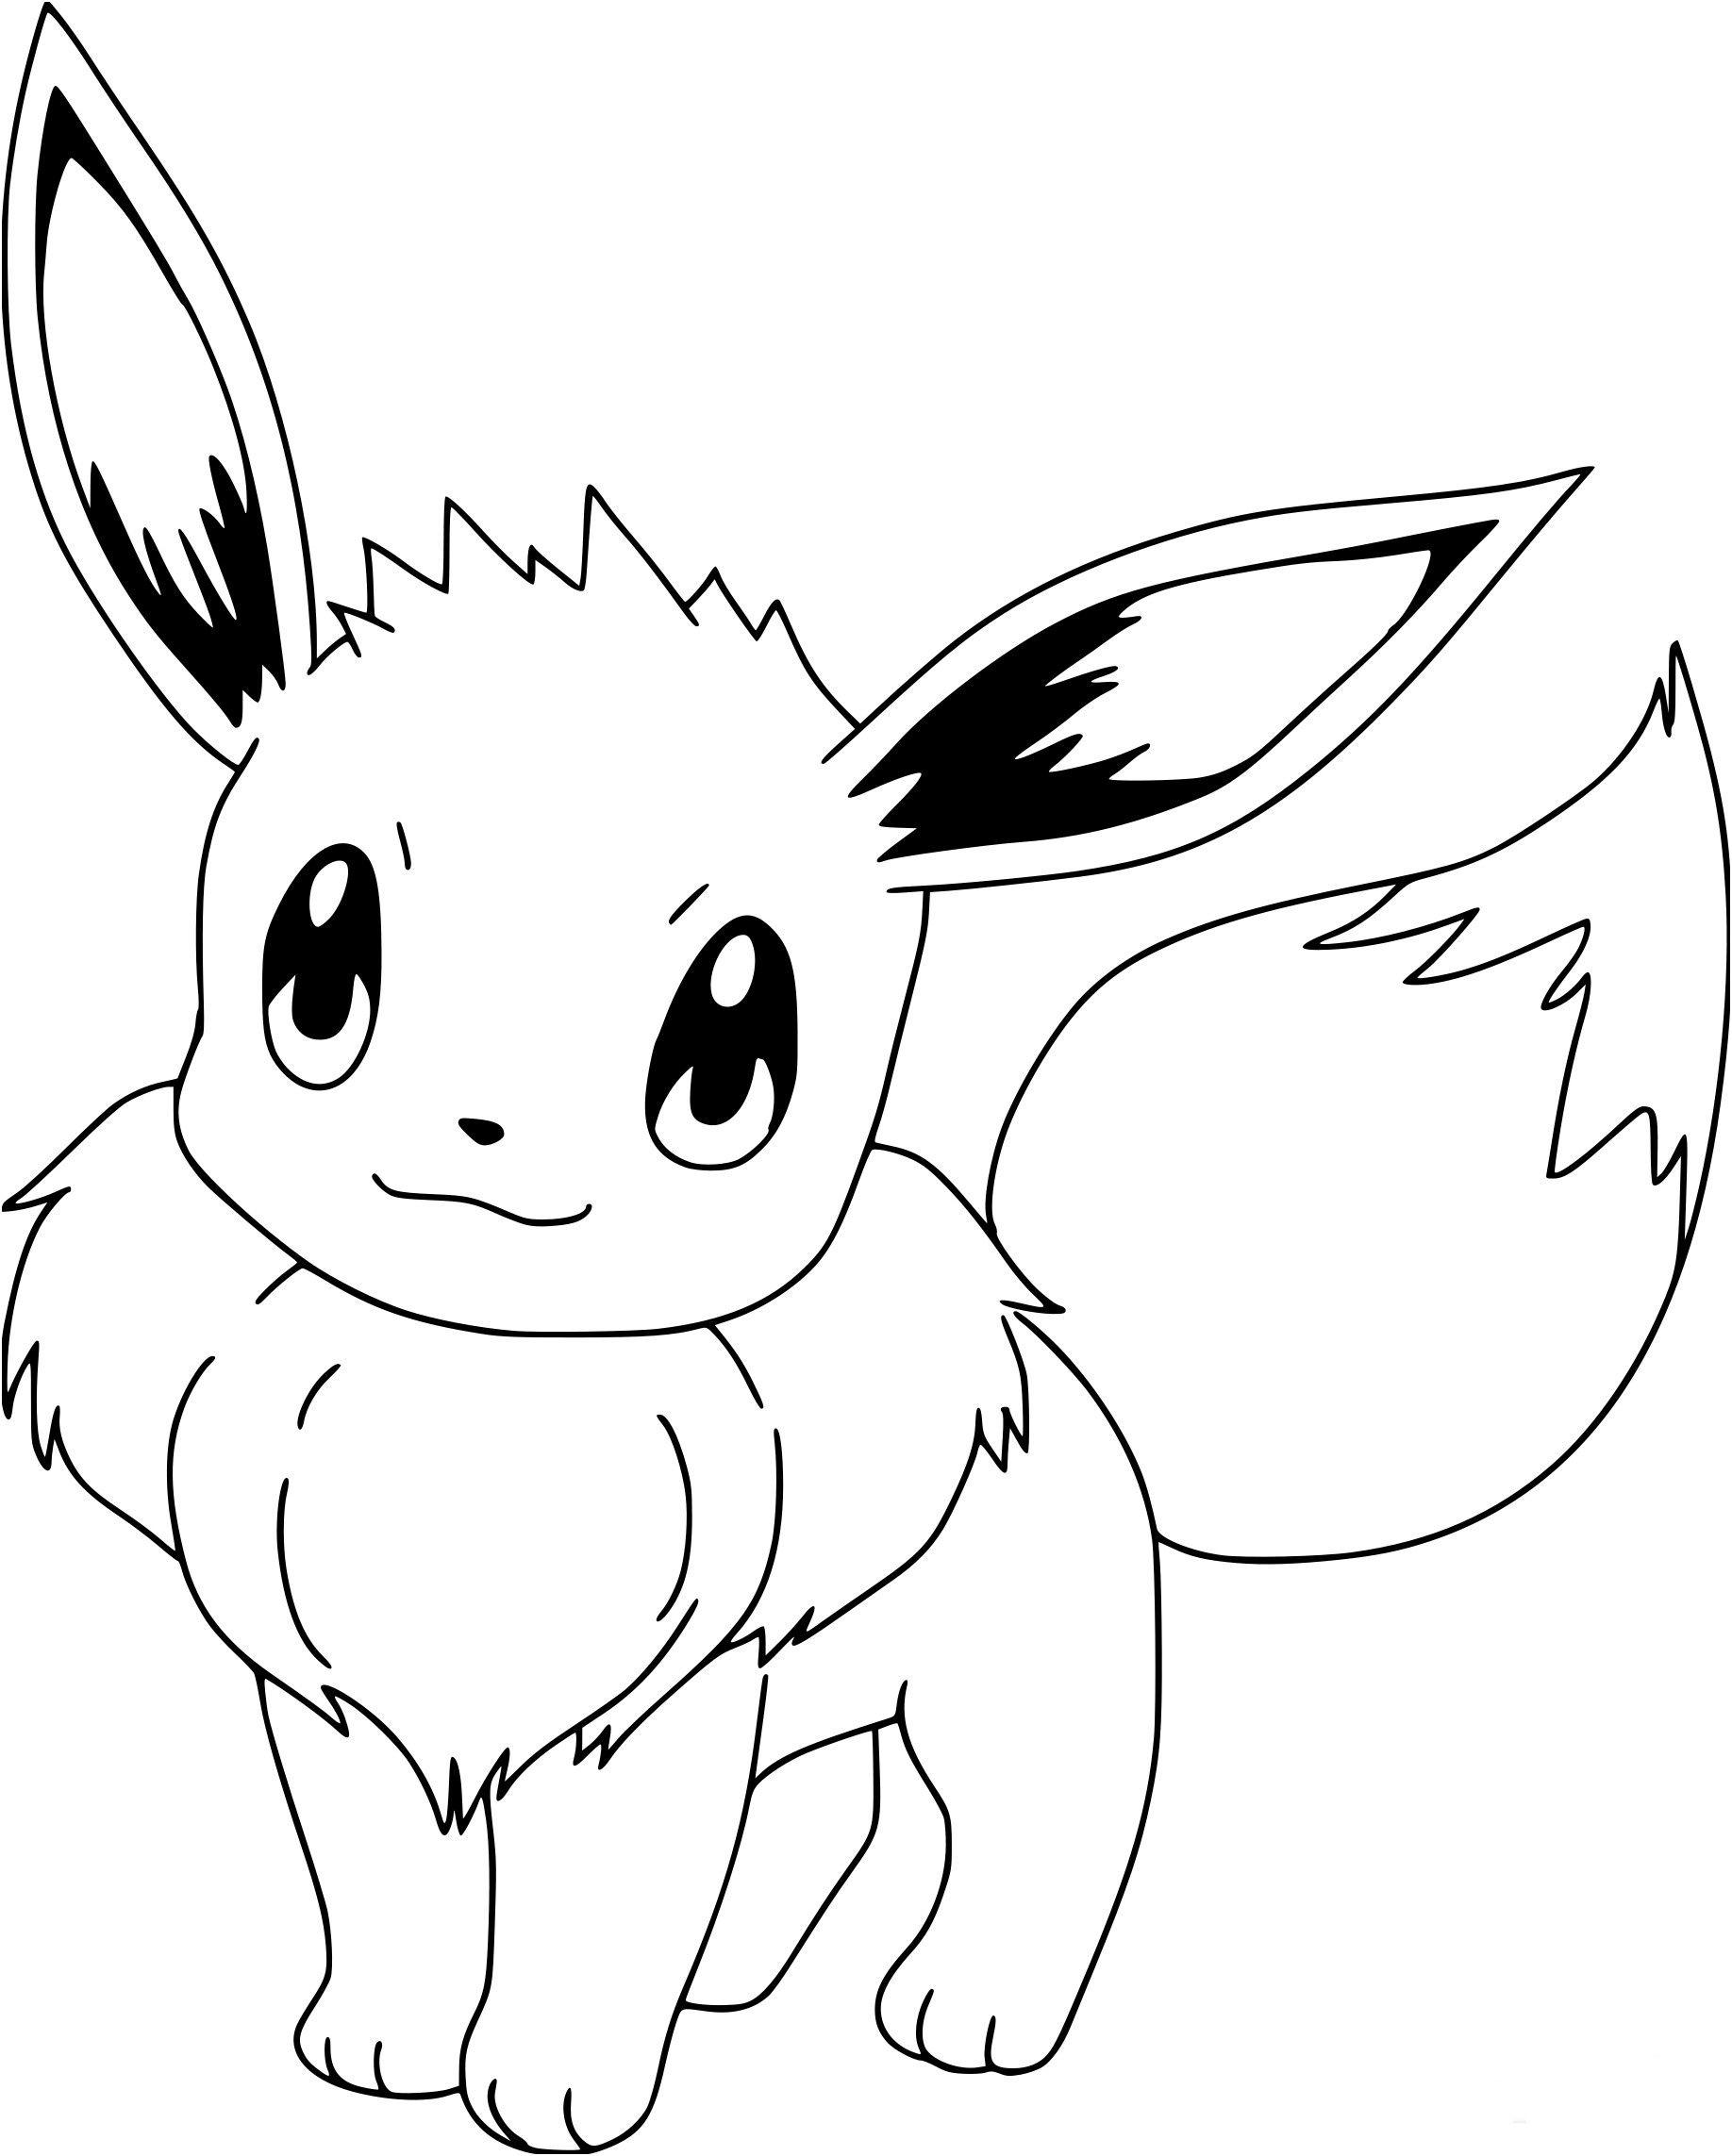 12 Bon Coloriage Pokemon Go Stock Pokemon Coloring Sheets Pokemon Coloring Pages Pokemon Coloring